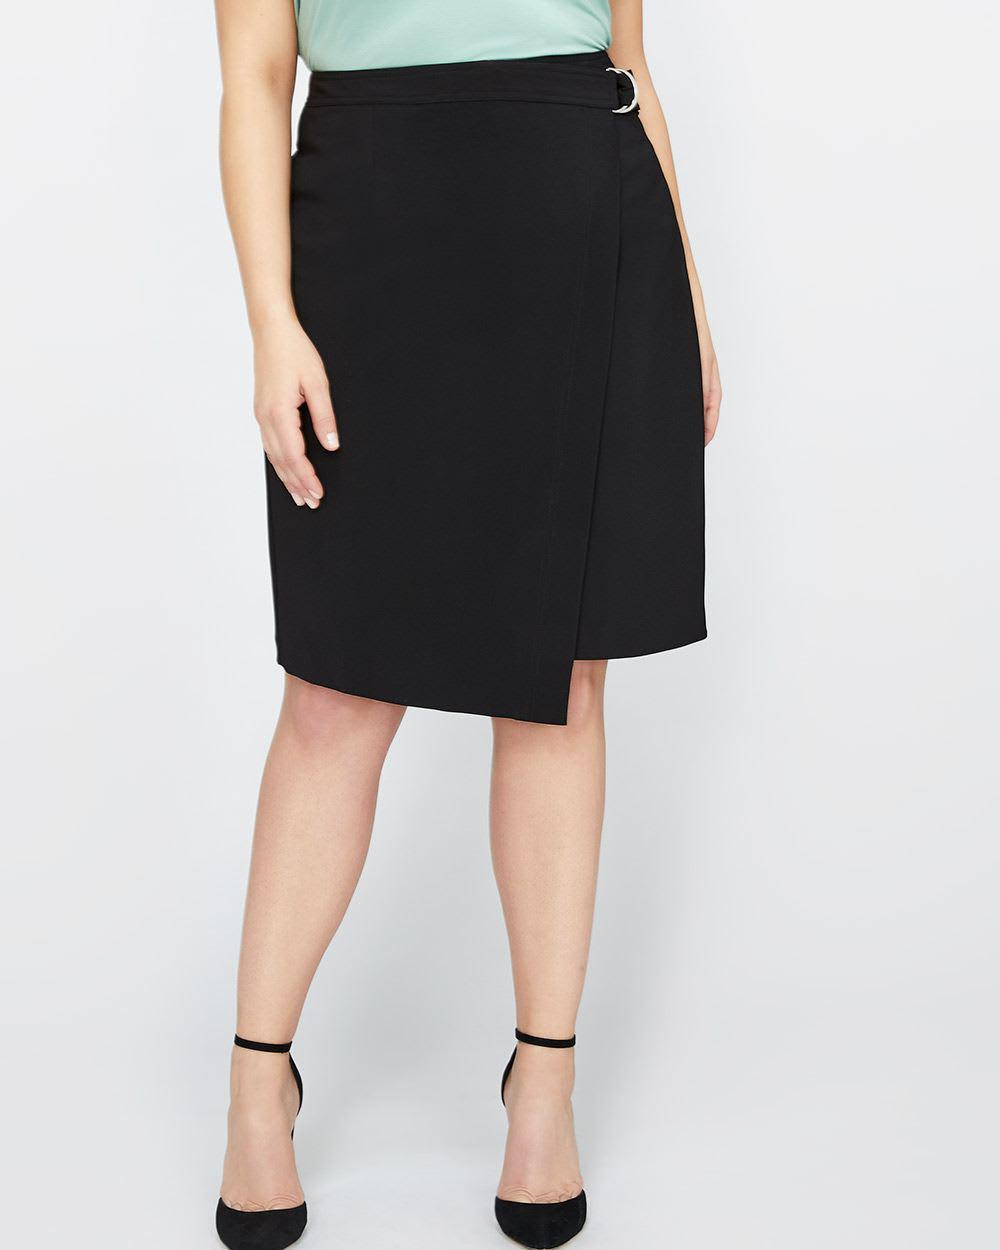 daae07cdf27 Lyst - Addition Elle Michel Studio Asymmetrical Pencil Skirt in Black